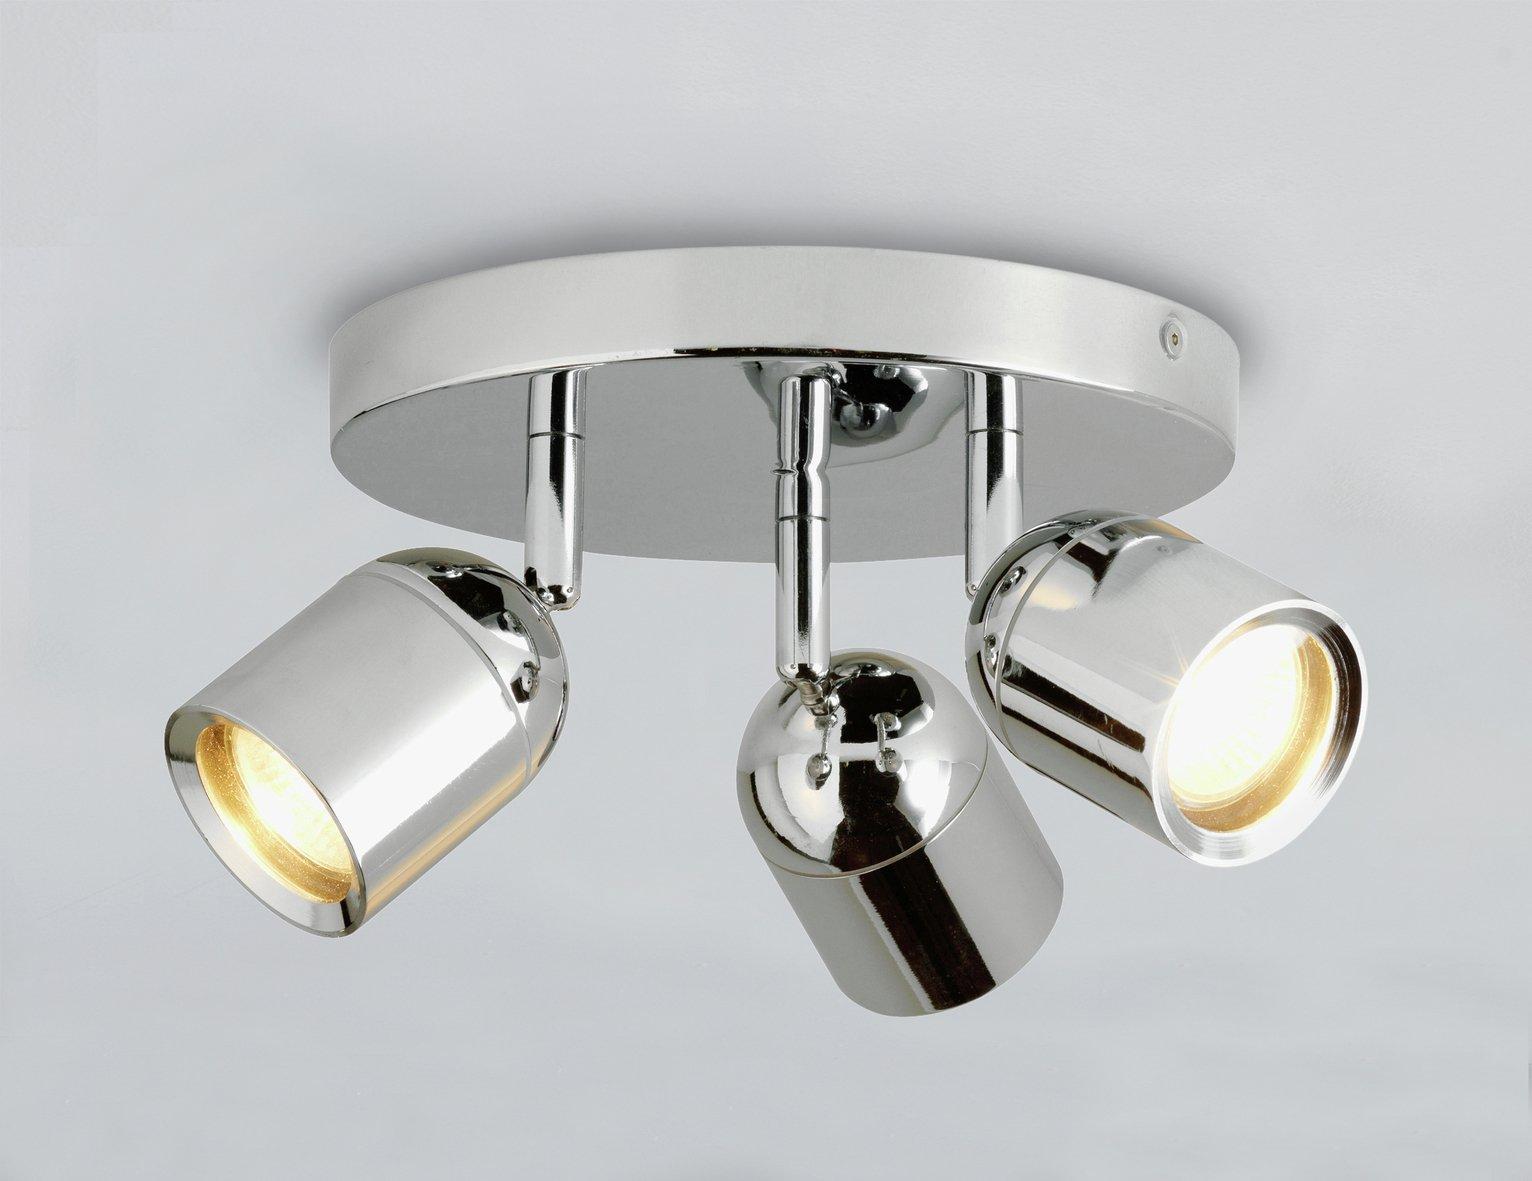 Argos Home - Baretta 3 Light Bathroom Spotlight - Chrome